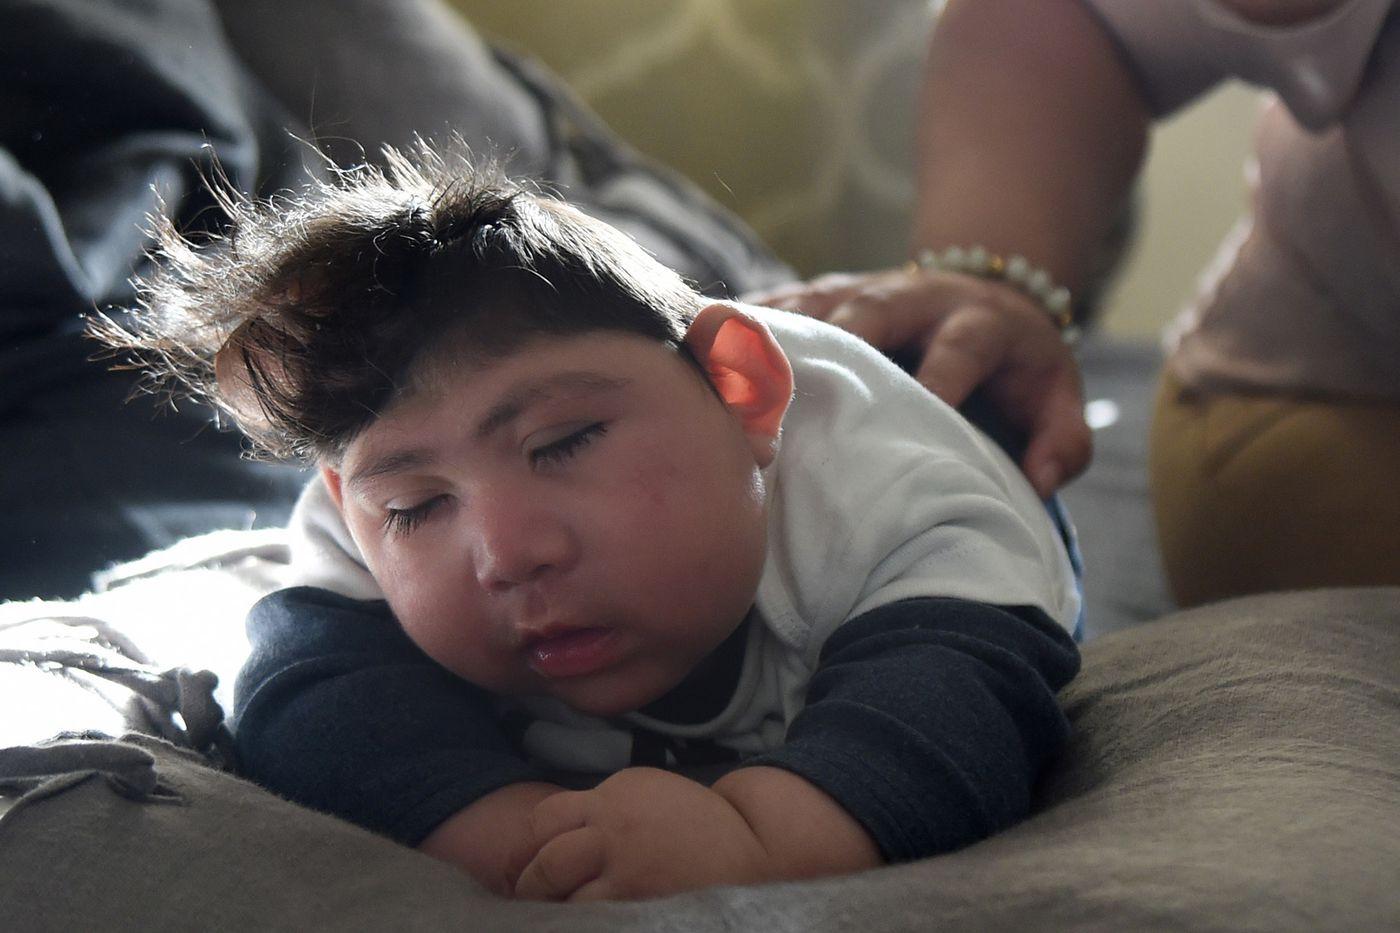 Kỳ diệu: Em bé mới sinh vẫn sống sót dù thiếu mất hộp sọ